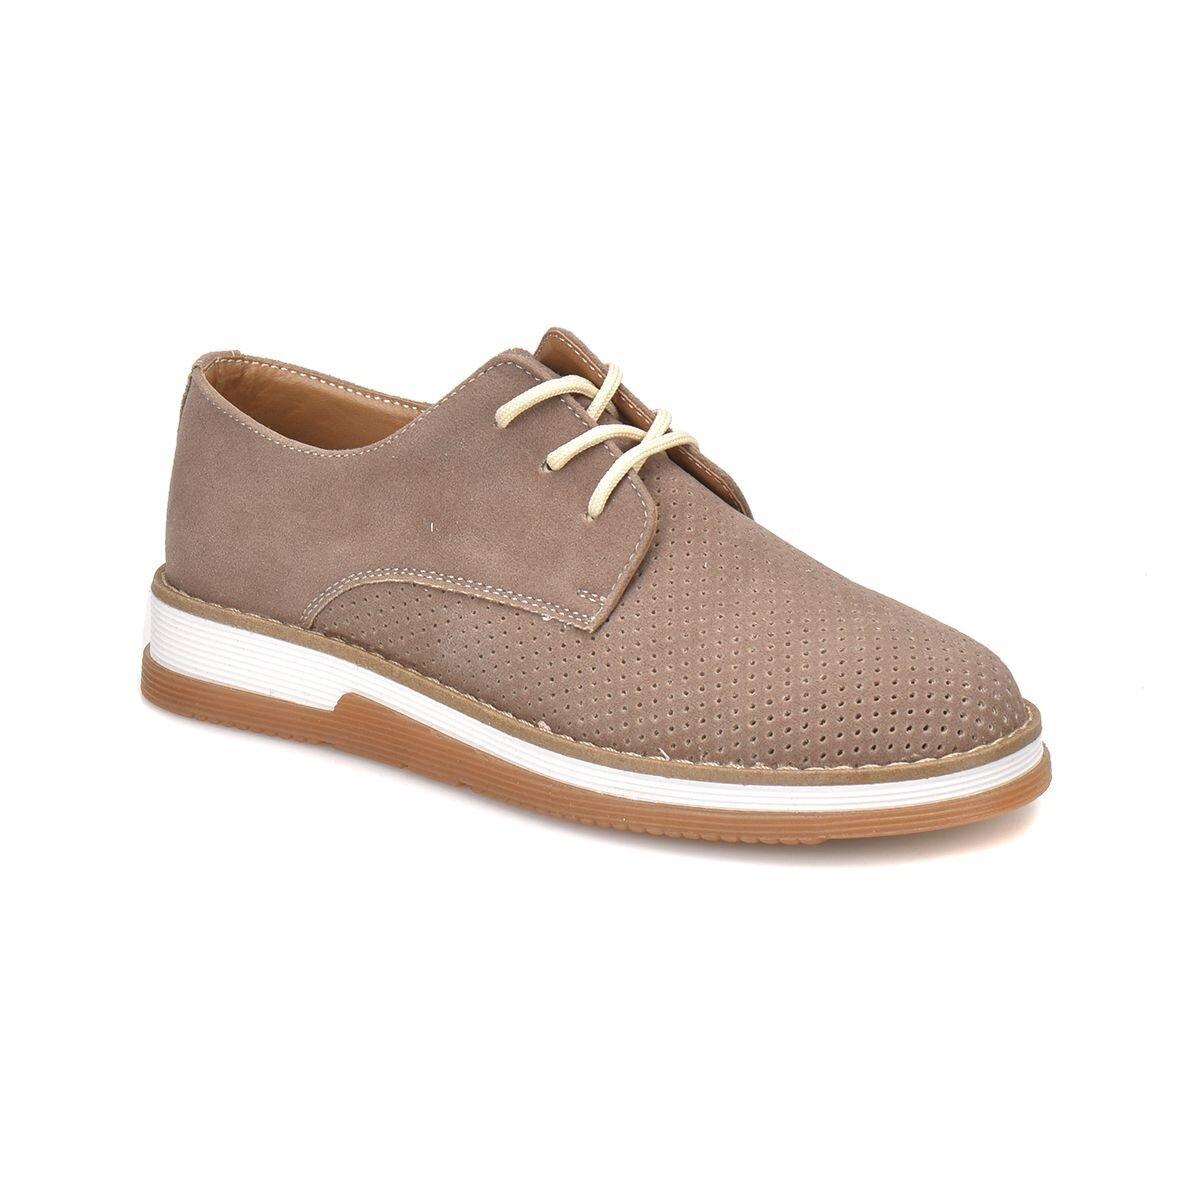 Kum Rengi Erkek Çocuk Ayakkabı YK314.F